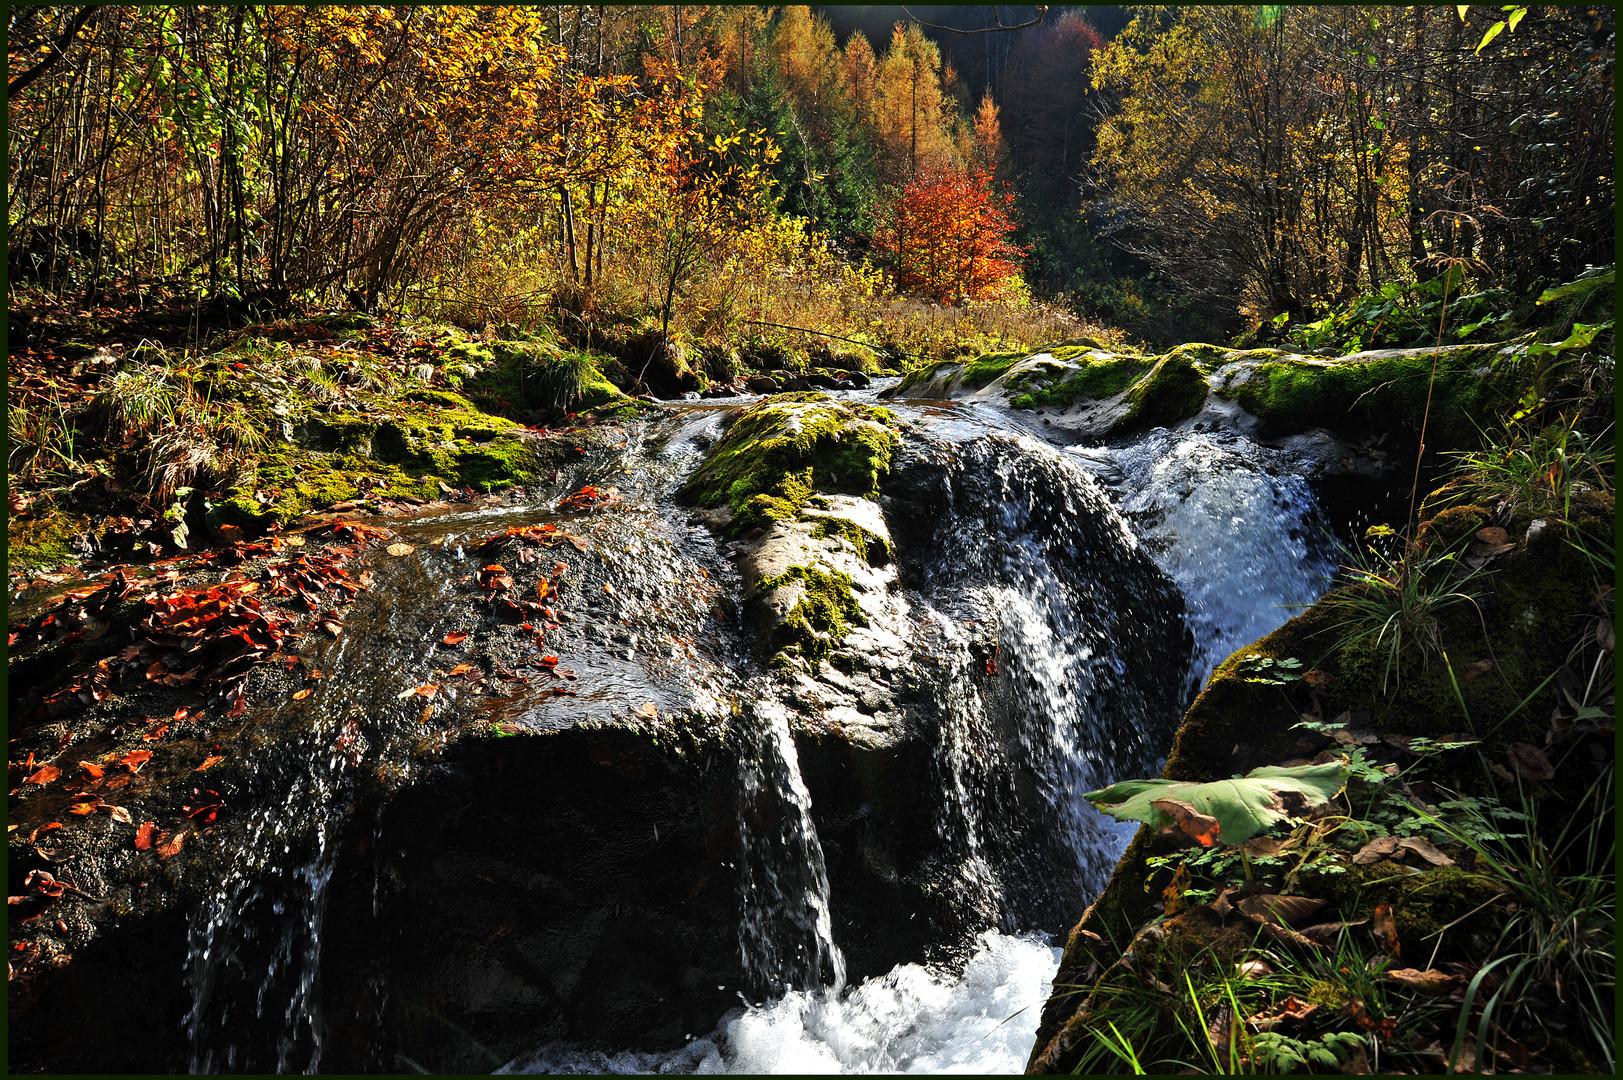 Herbstfarben verstärken die Stimmung